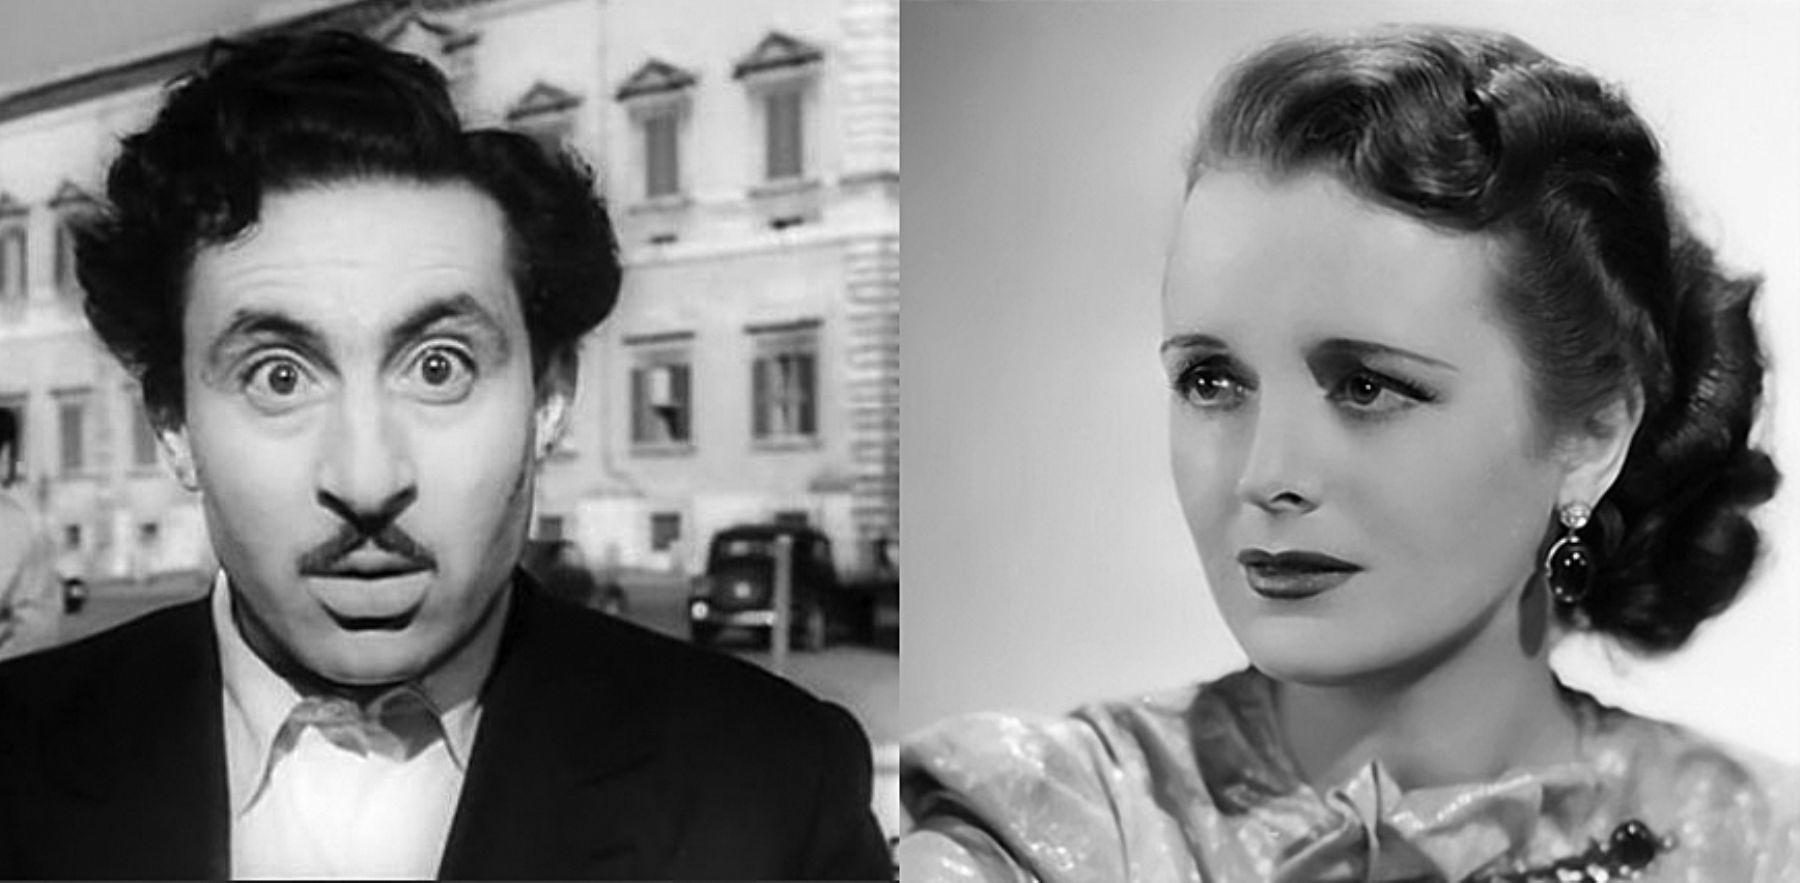 Actores Mary Astor-Leopoldo Trieste. INTERNET/Medios